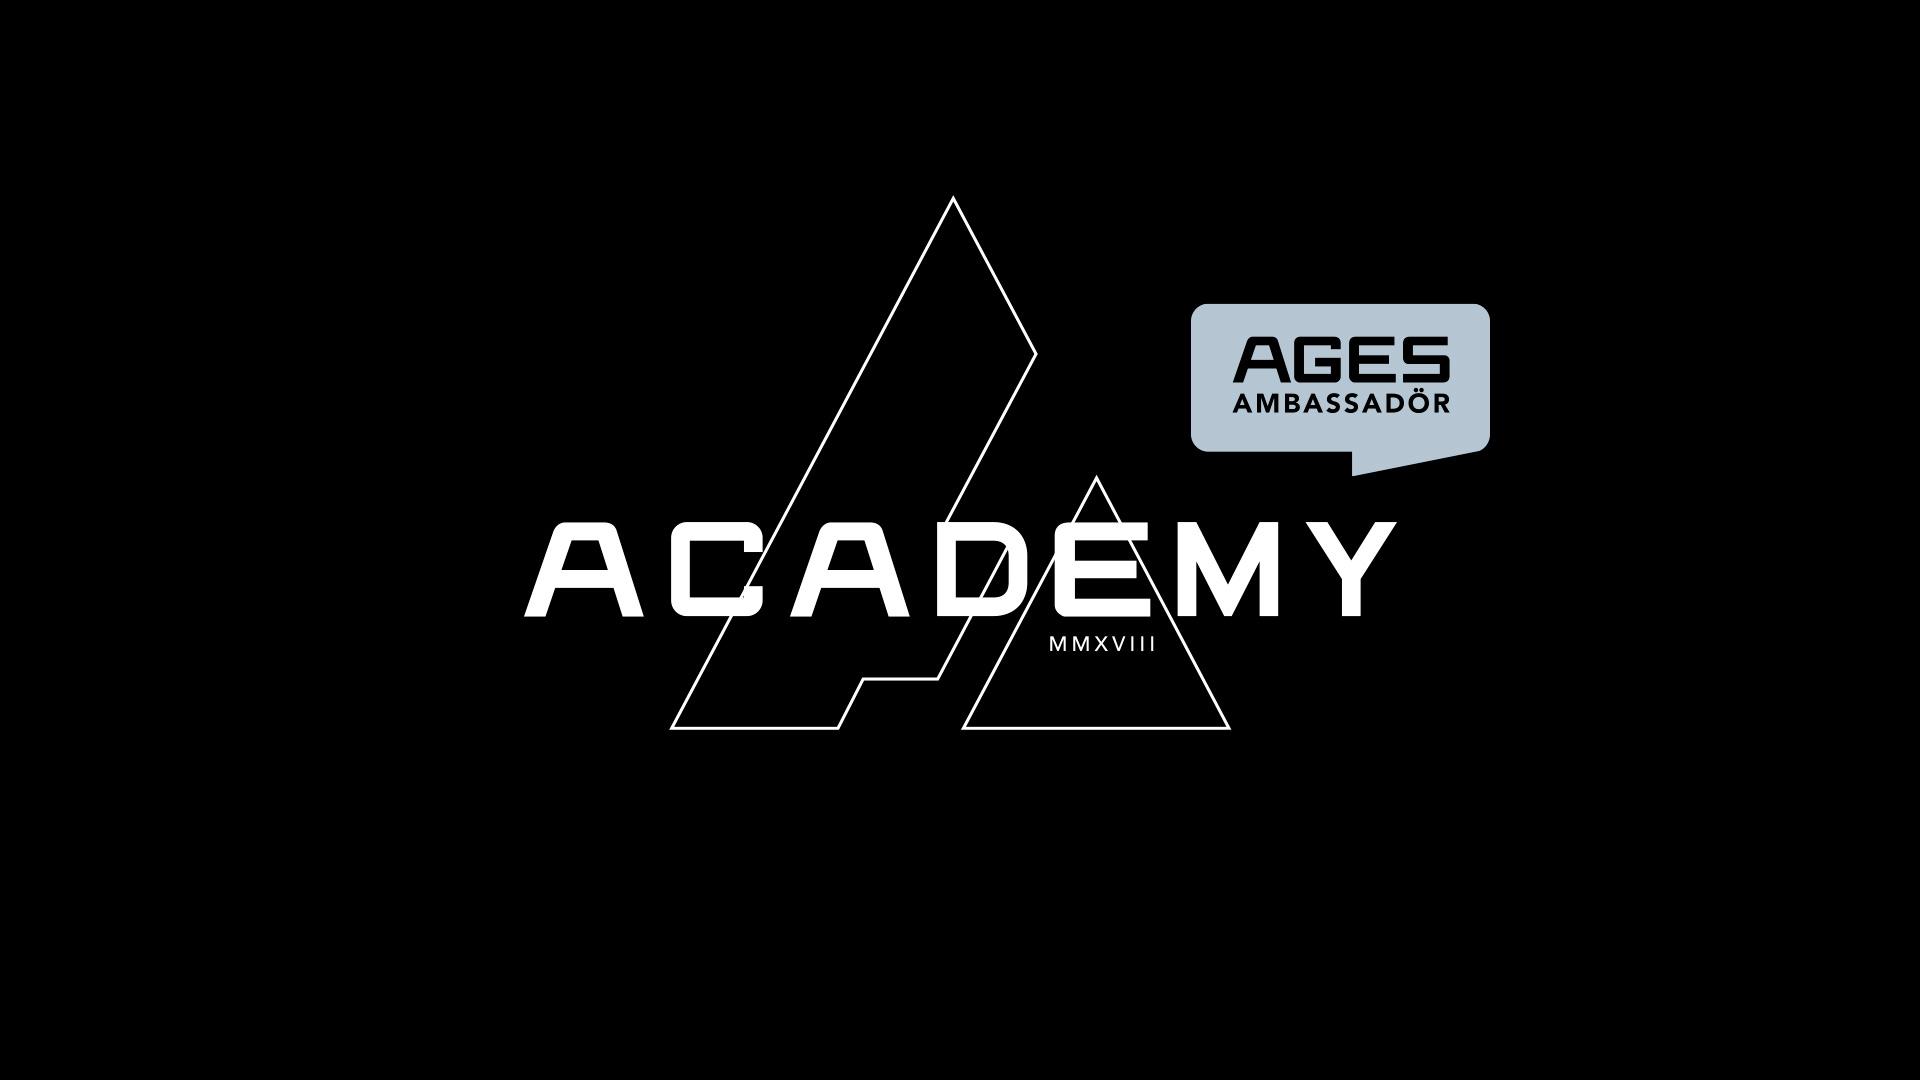 ages_karriar_academy.jpg